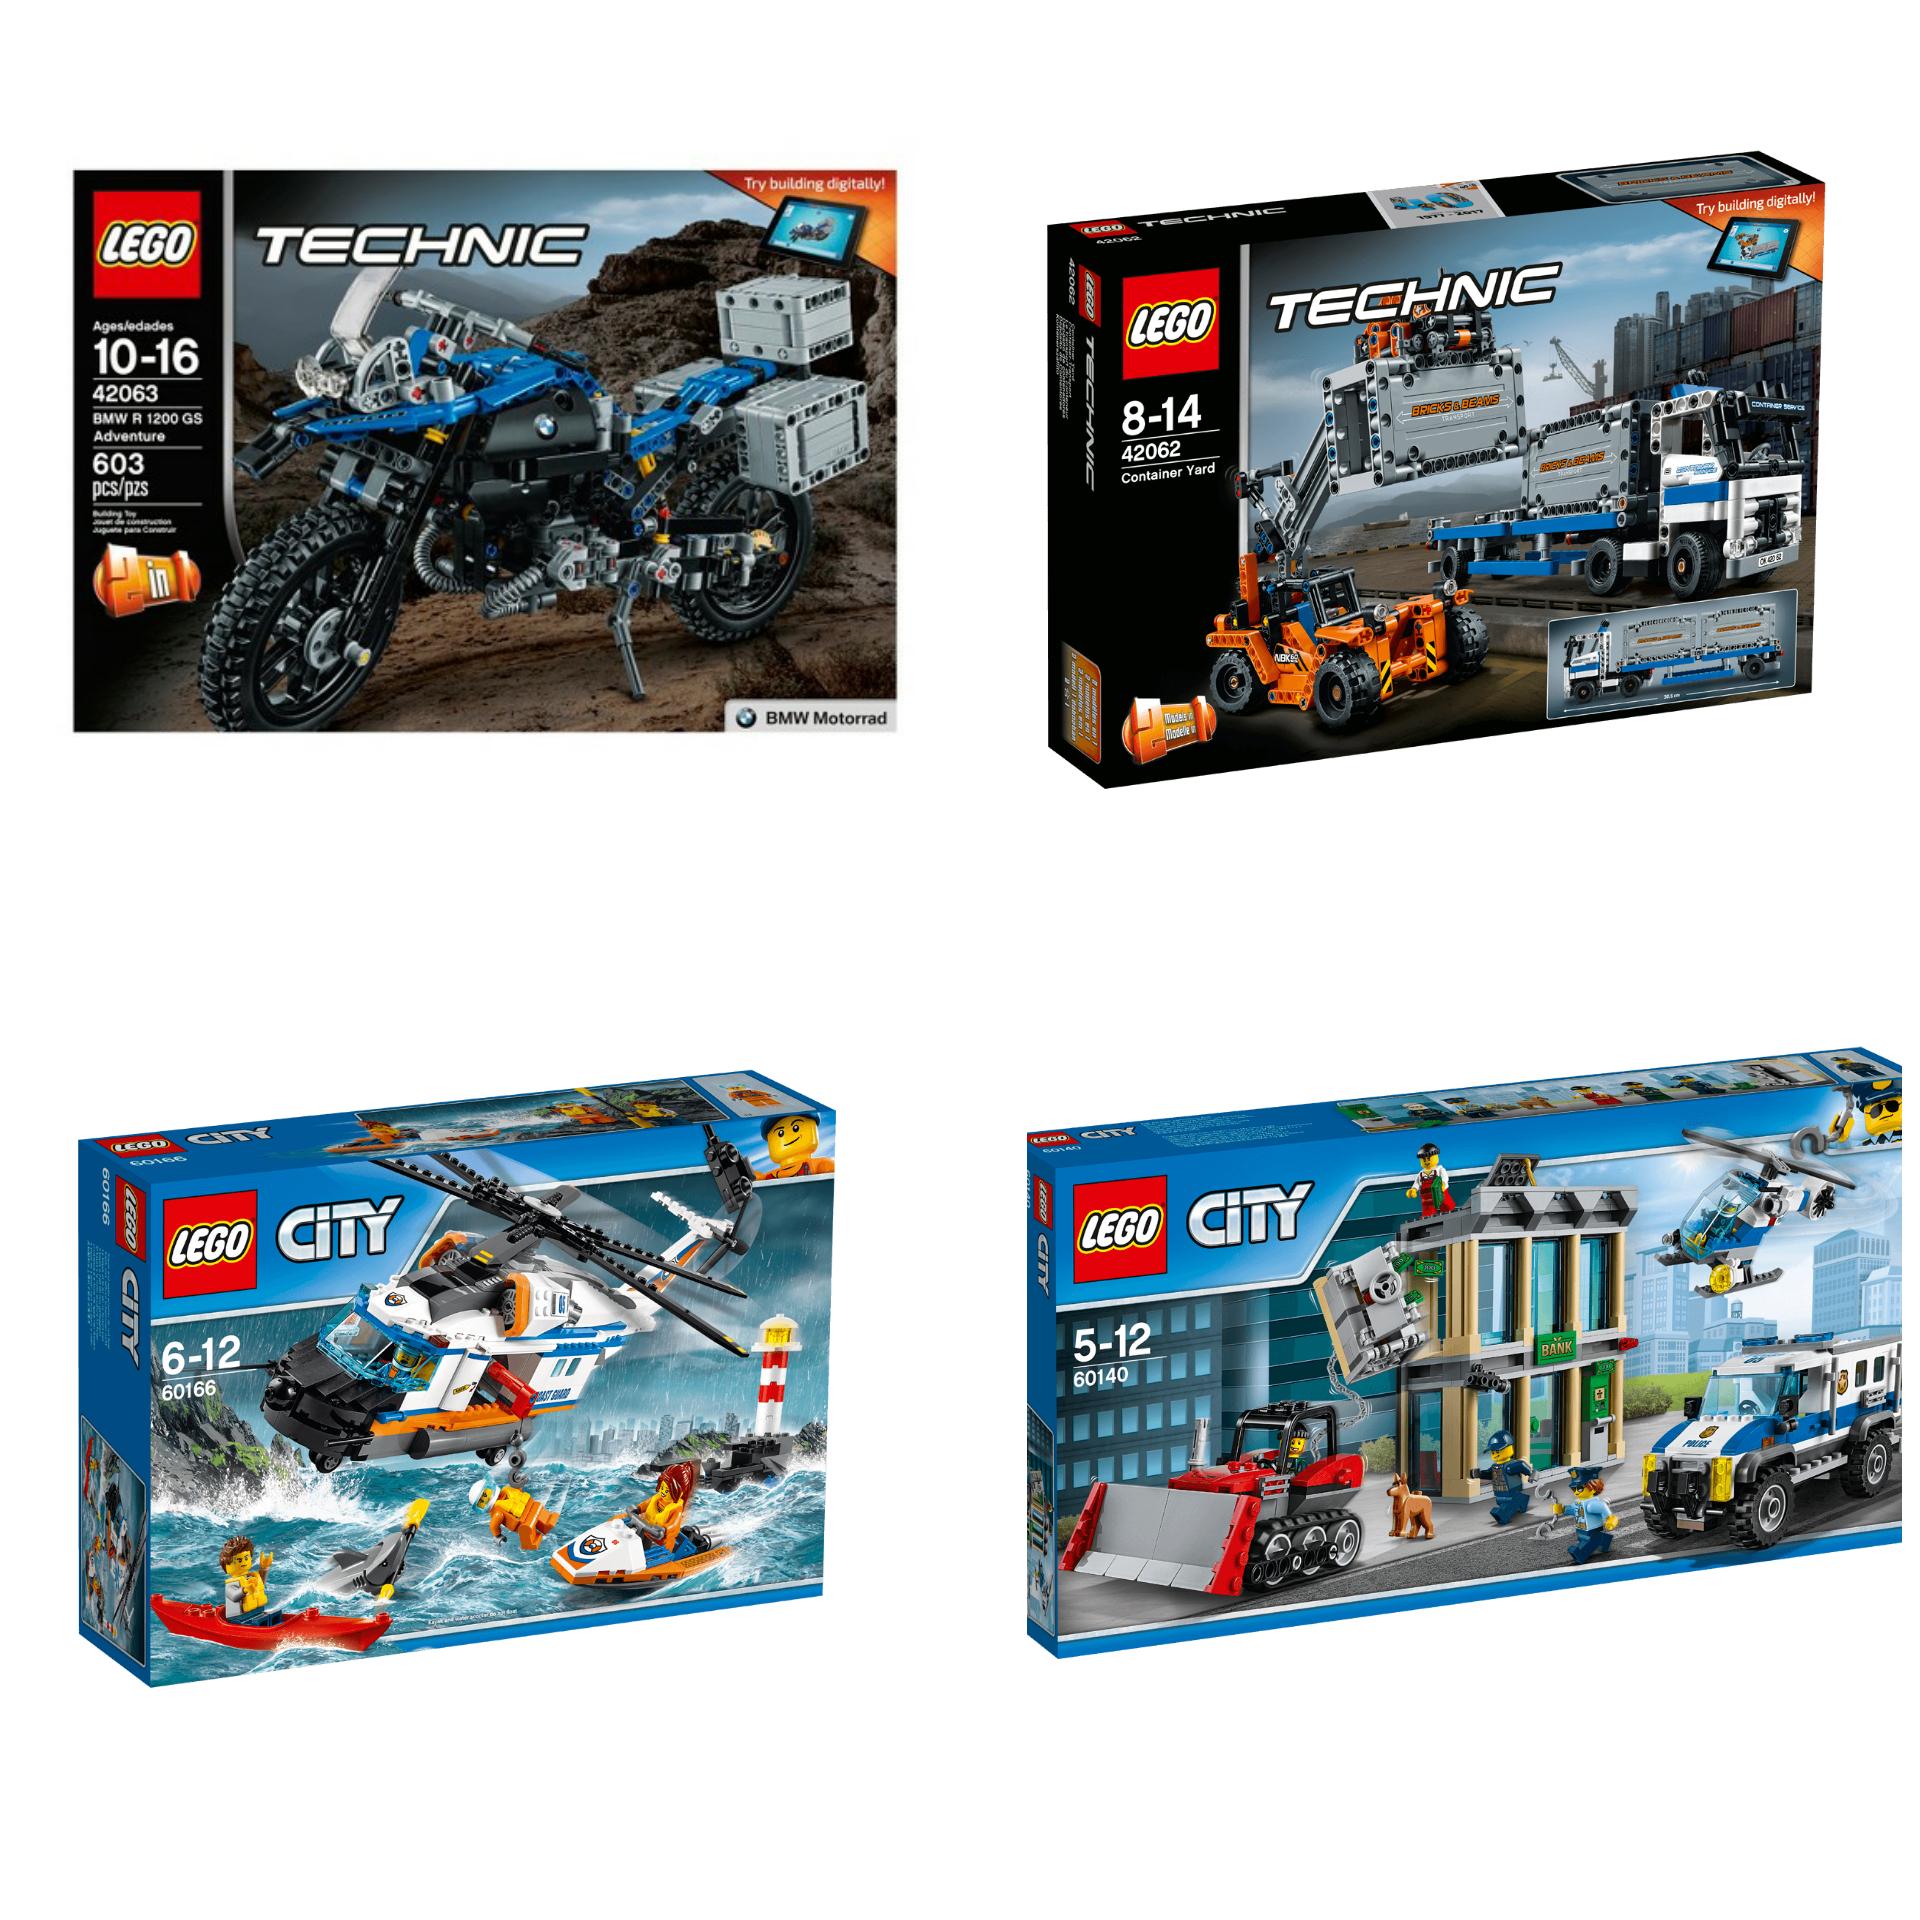 Tesco Wyprzedaż Klocków Lego 50 Wybrane Modele Promocja